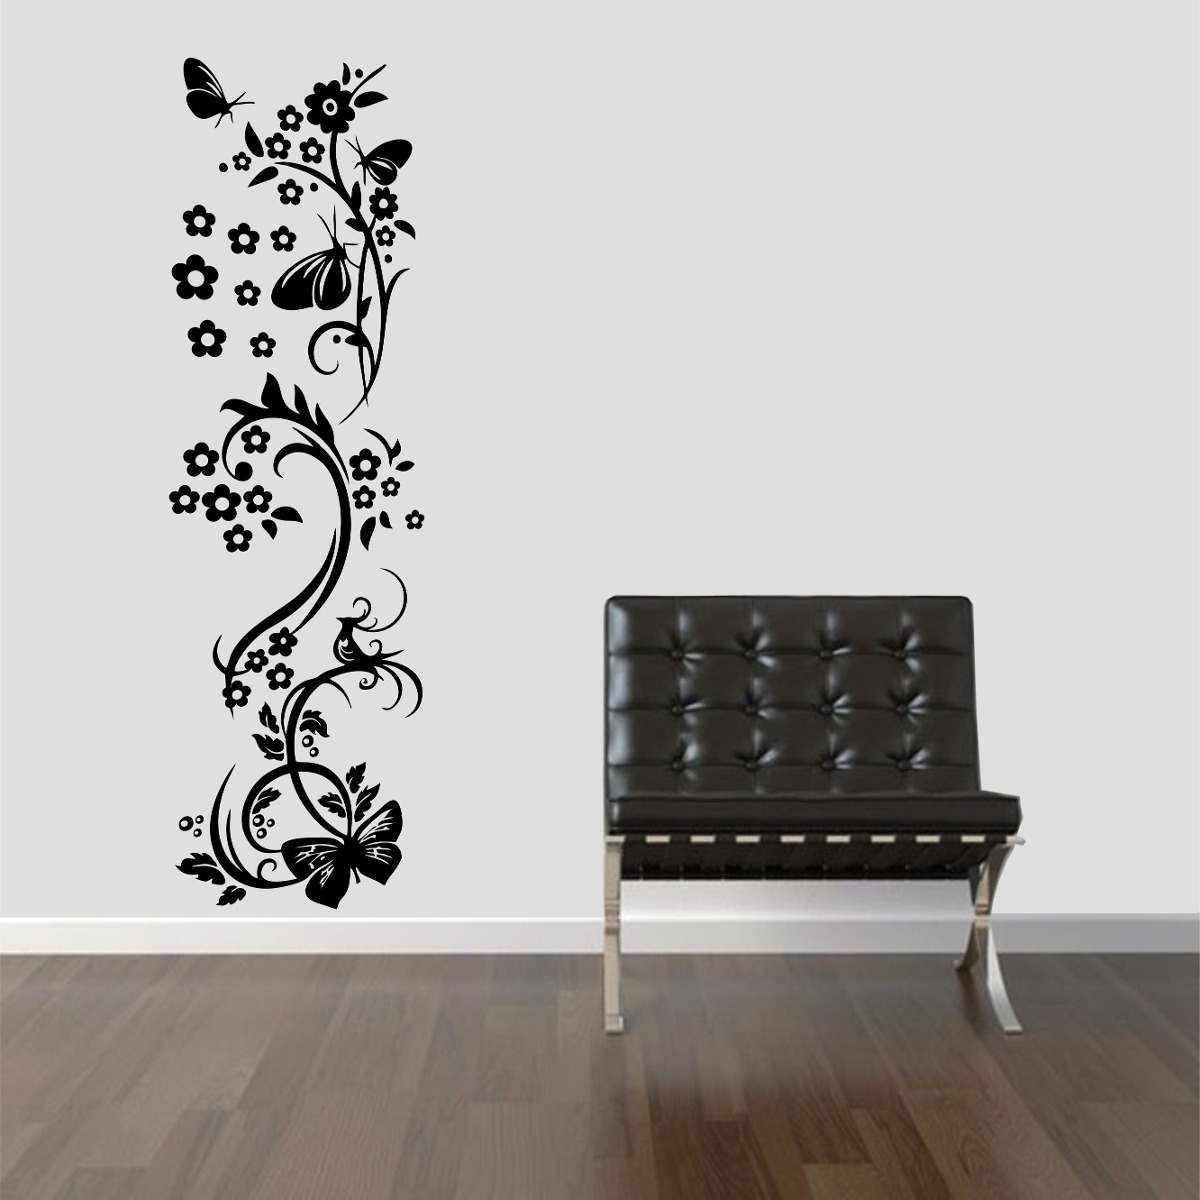 Artesãos Sinonimo ~ Adesivo Decorativo Parede Floral Borboleta Box Geladeira R$ 44,99 em Mercado Livre